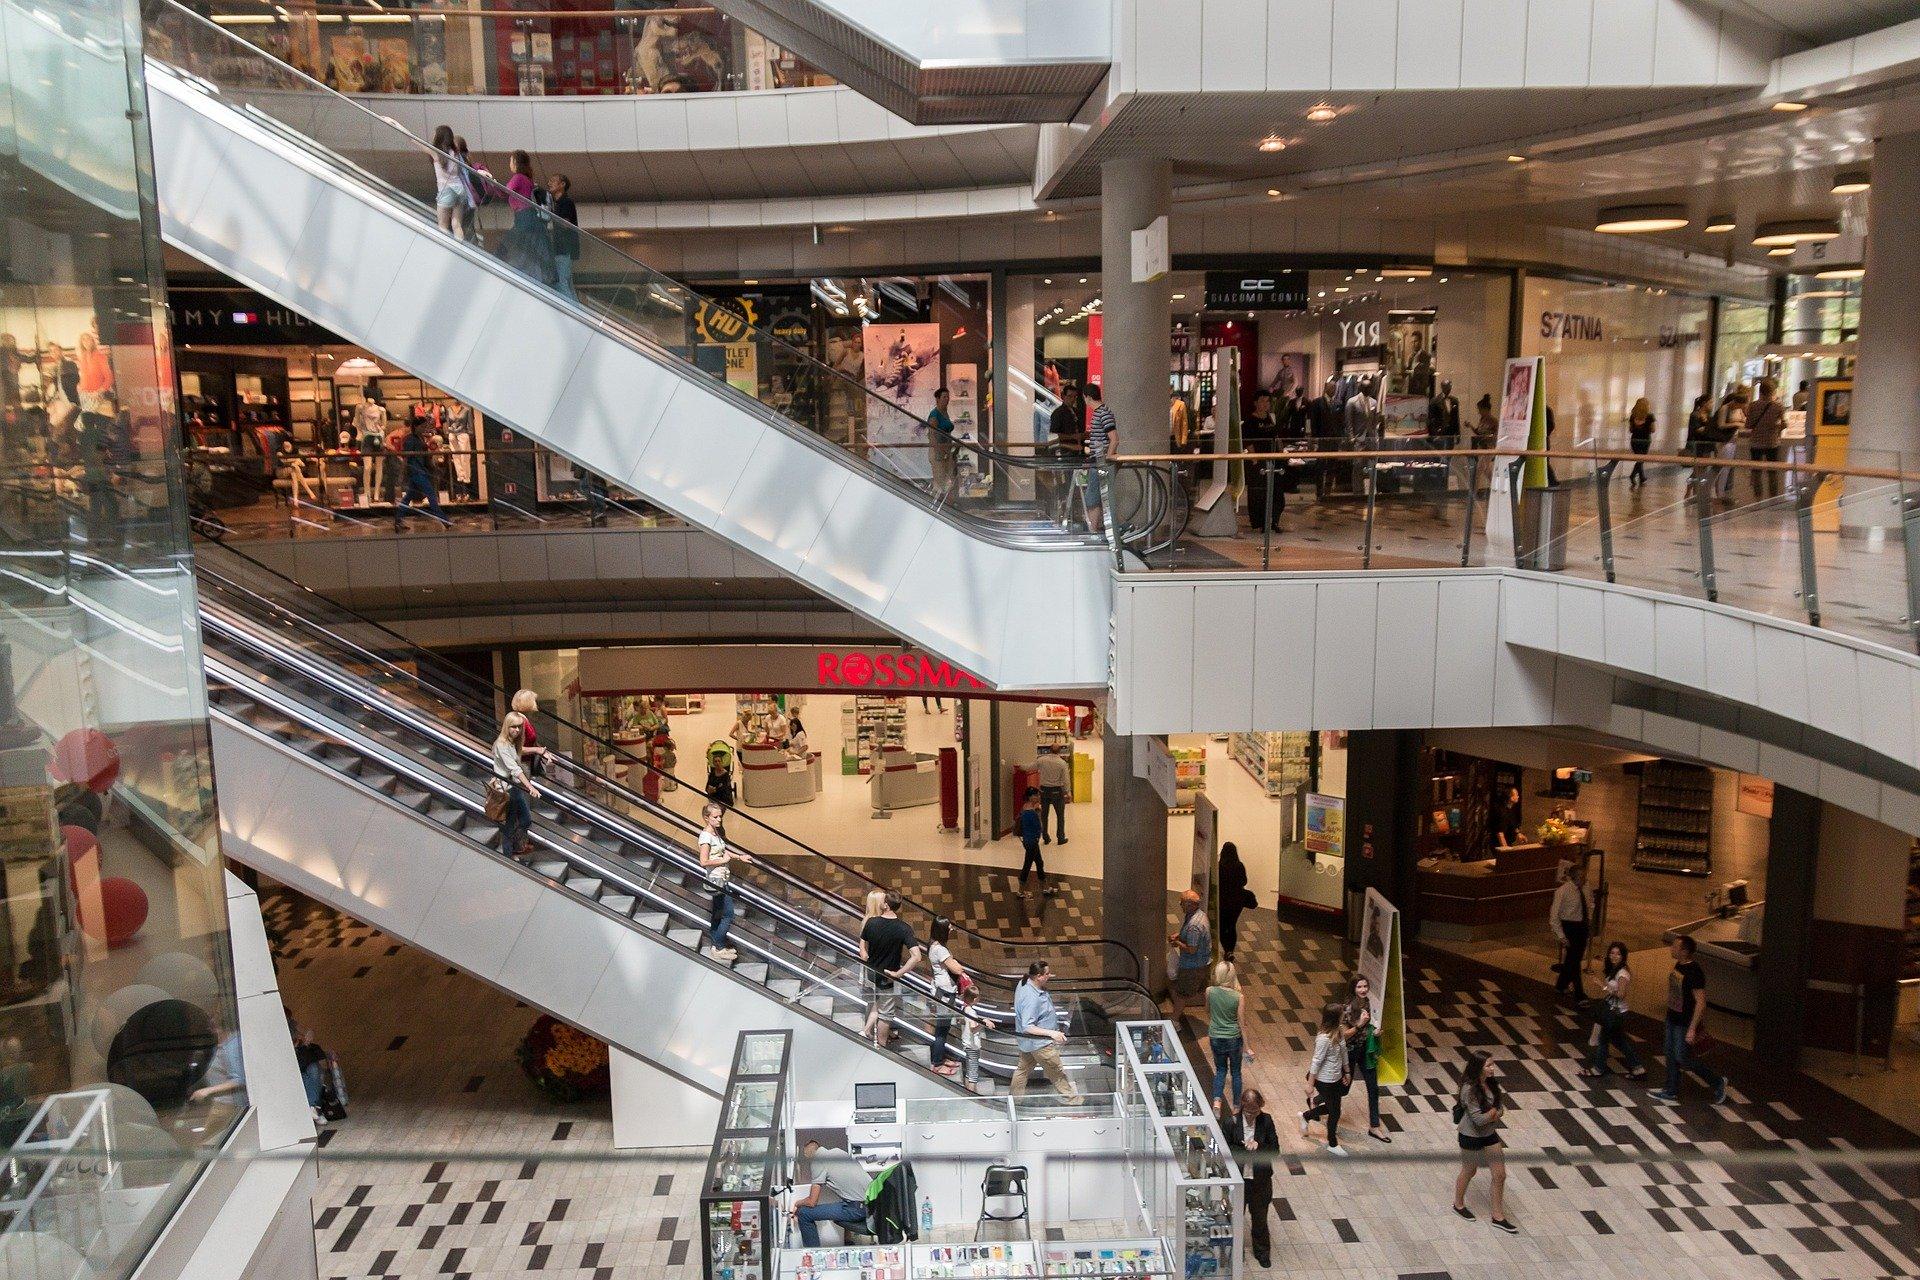 Las ventas minoristas cayeron un 1,7% en junio respecto a mayo tras dos meses de alza, un resultado mucho peor de lo esperado